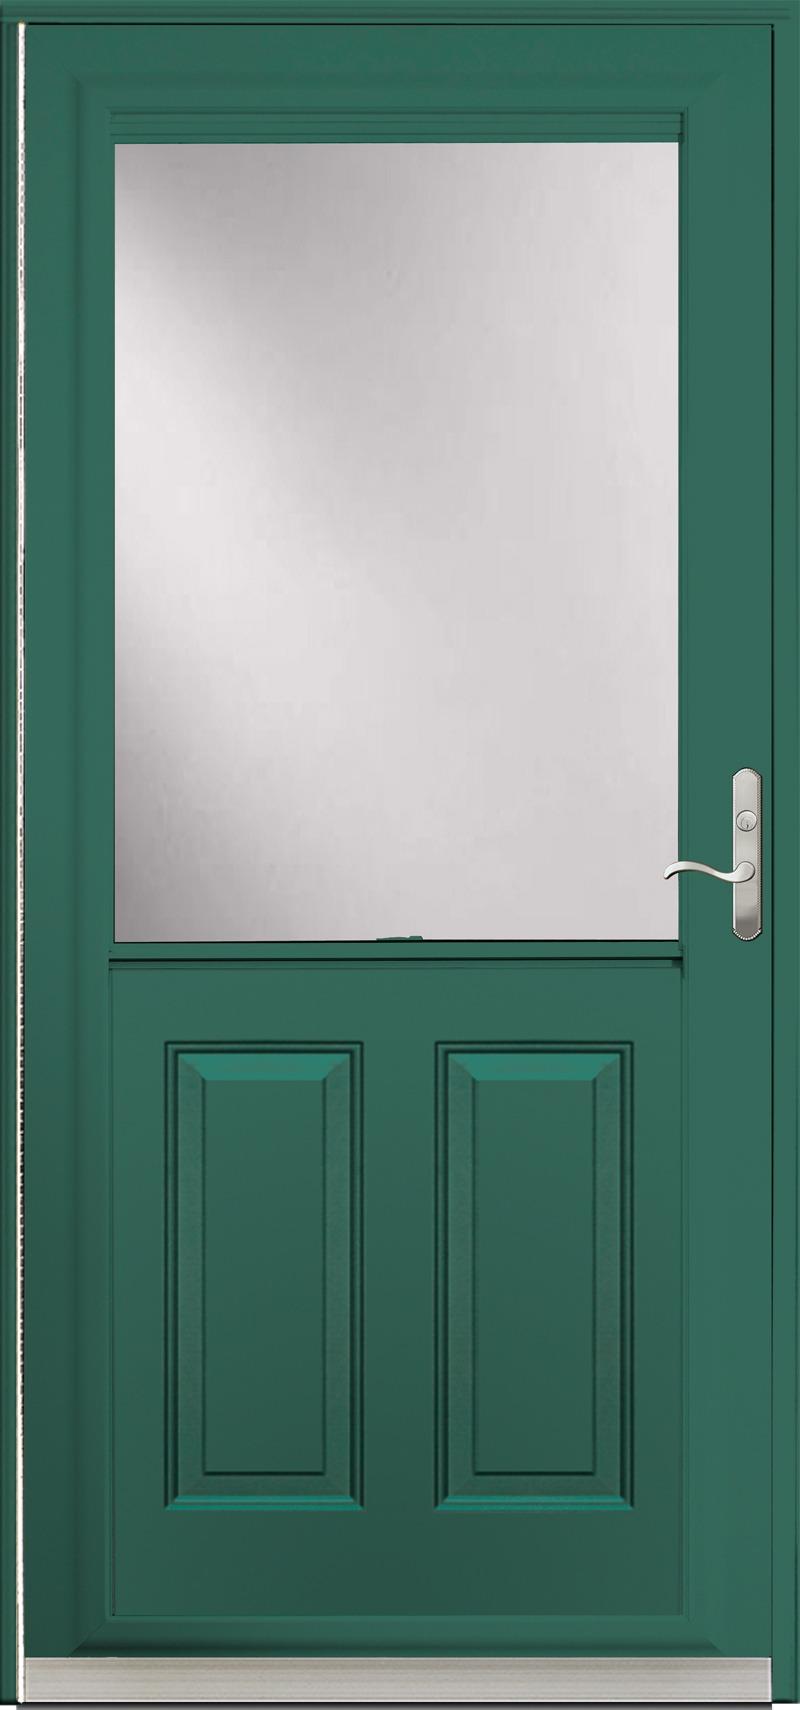 A single green door